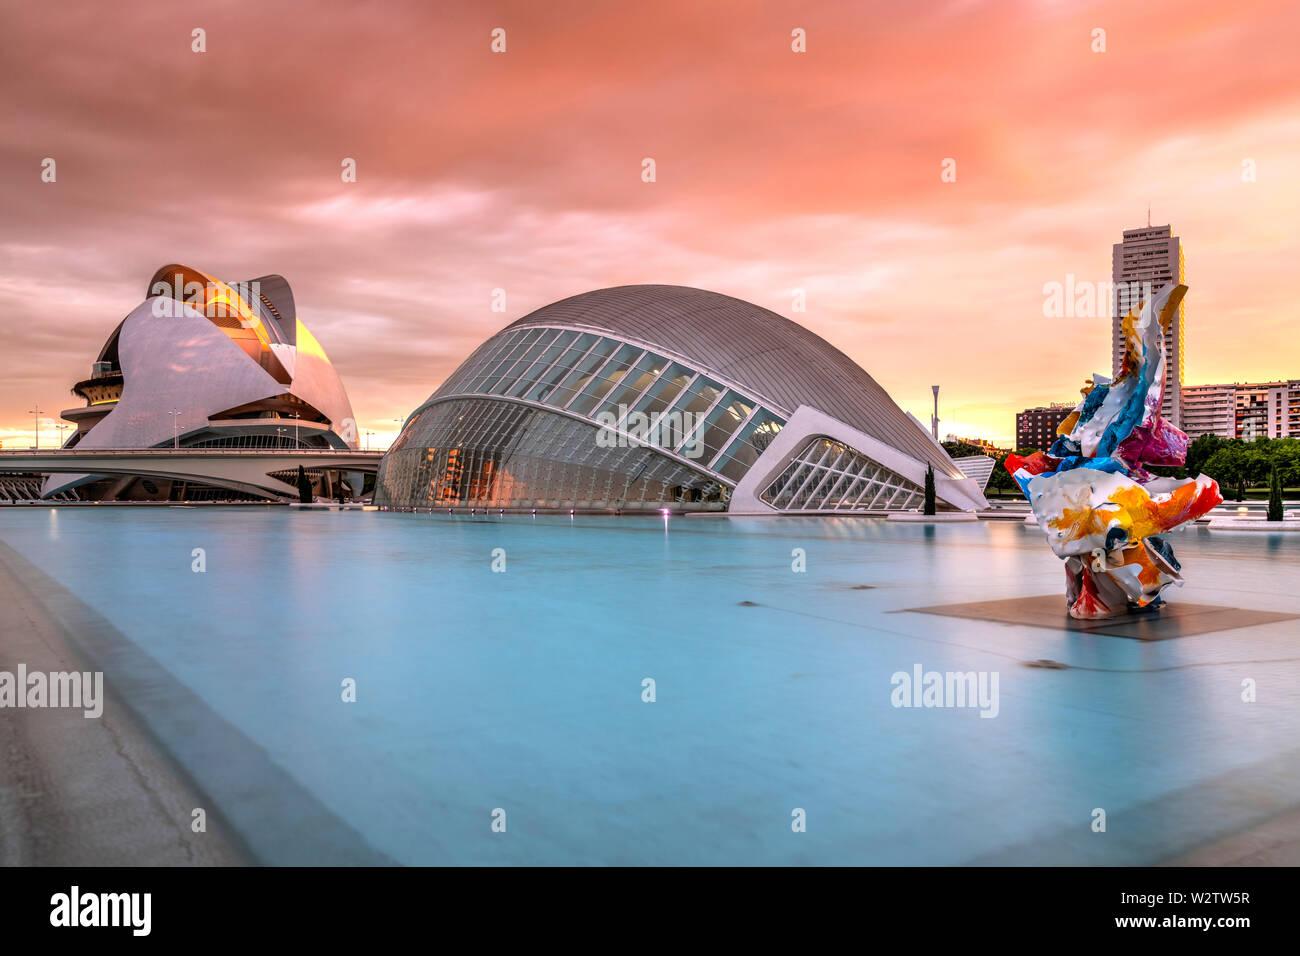 Ciudad de las Artes y las ciencias o la Ciudad de las Artes y las Ciencias, Valencia, Comunidad Valenciana, España Foto de stock